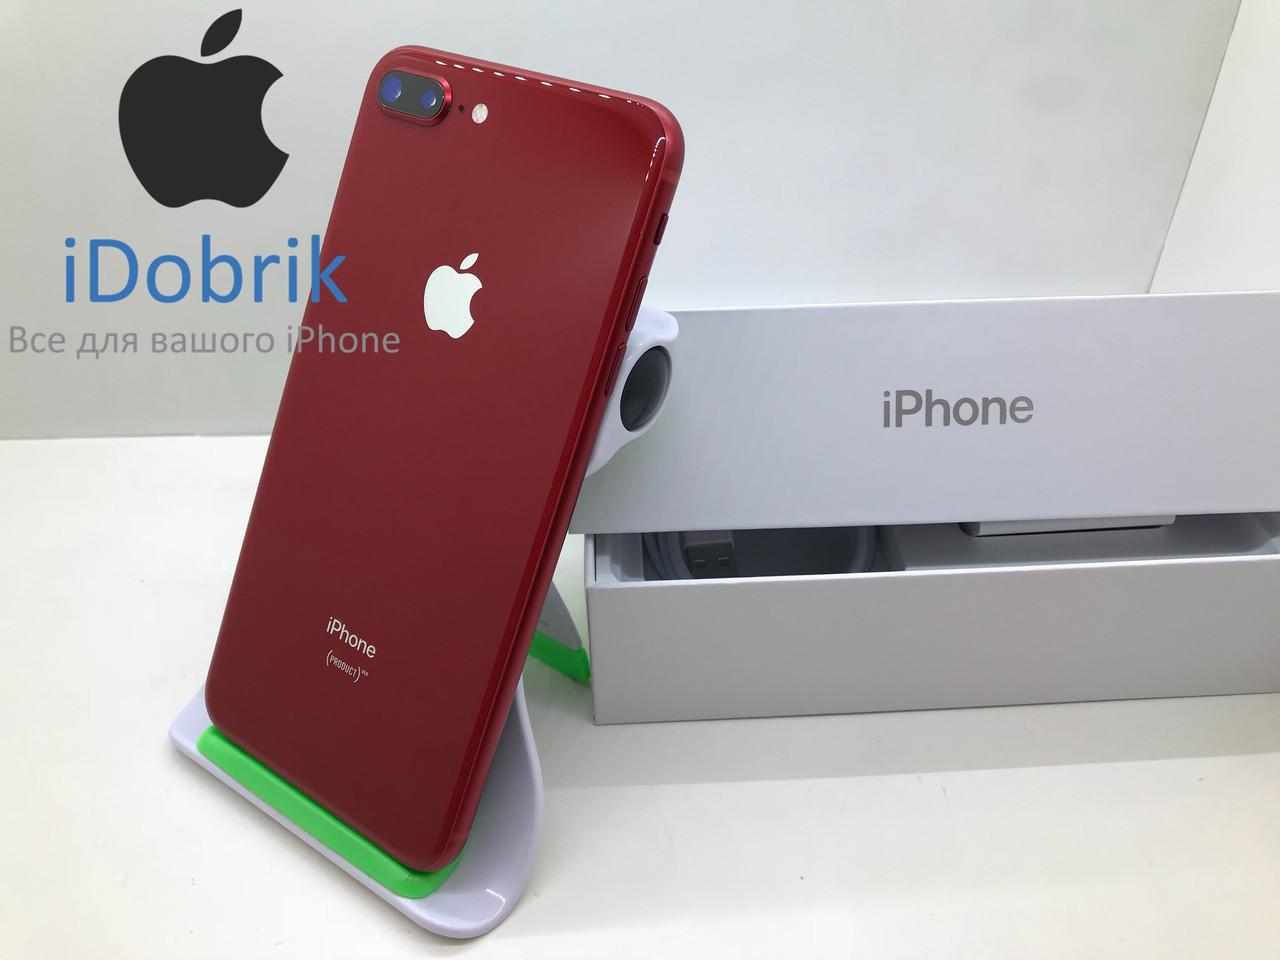 Б/У iPhone 8 Plus 256gb RED  Neverlock  10/10